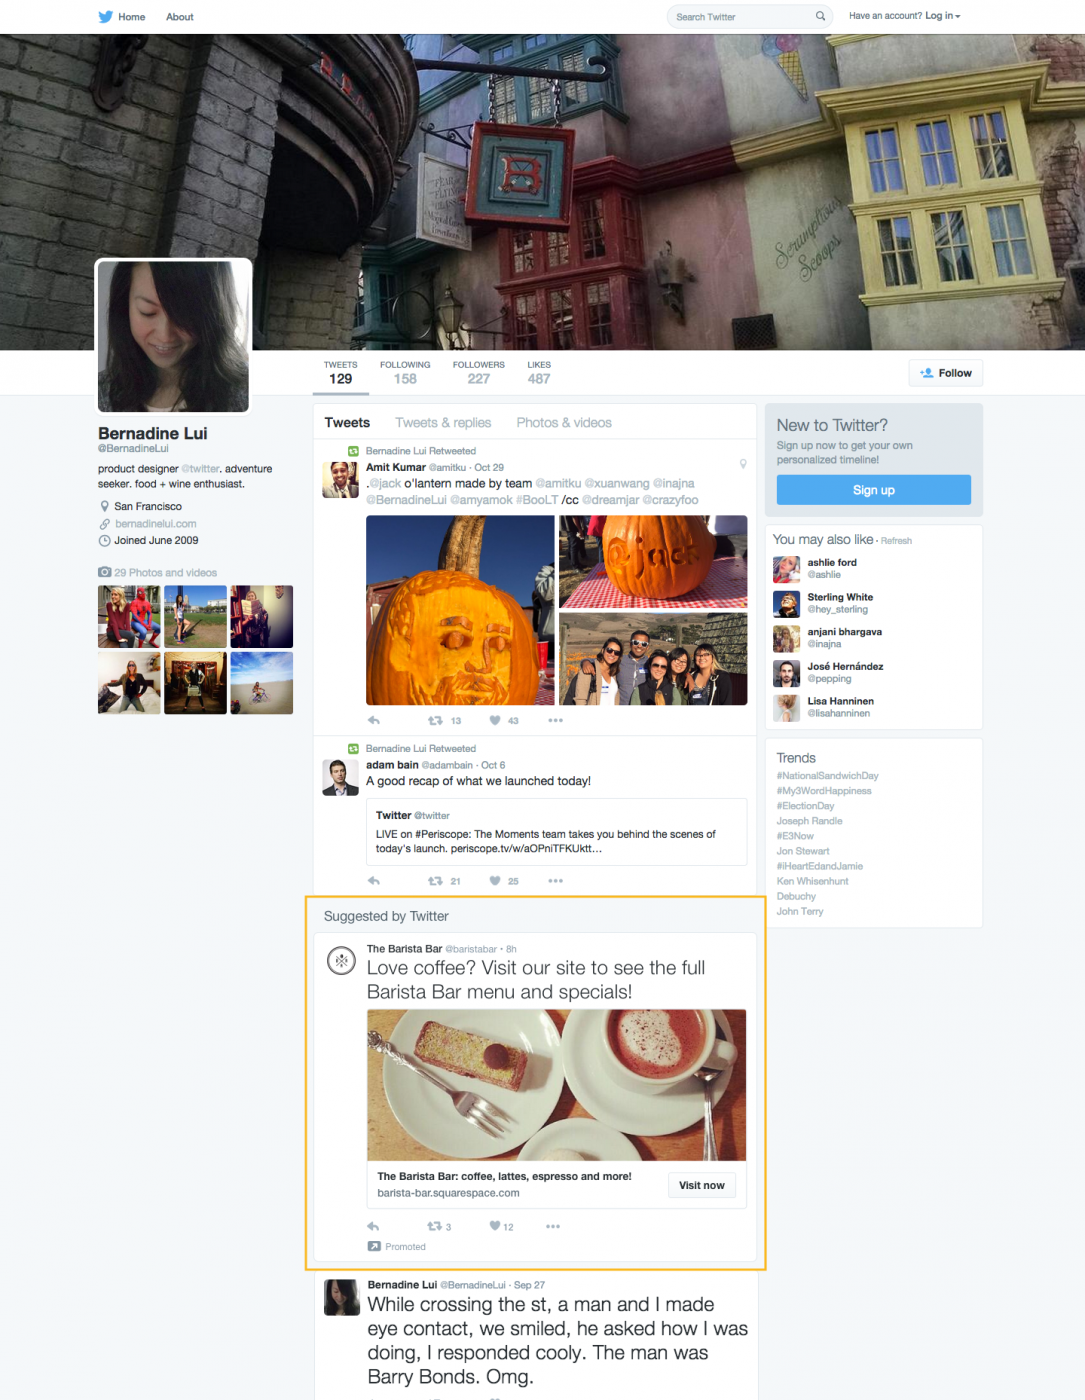 LO_DesktopWeb_Profile_DR